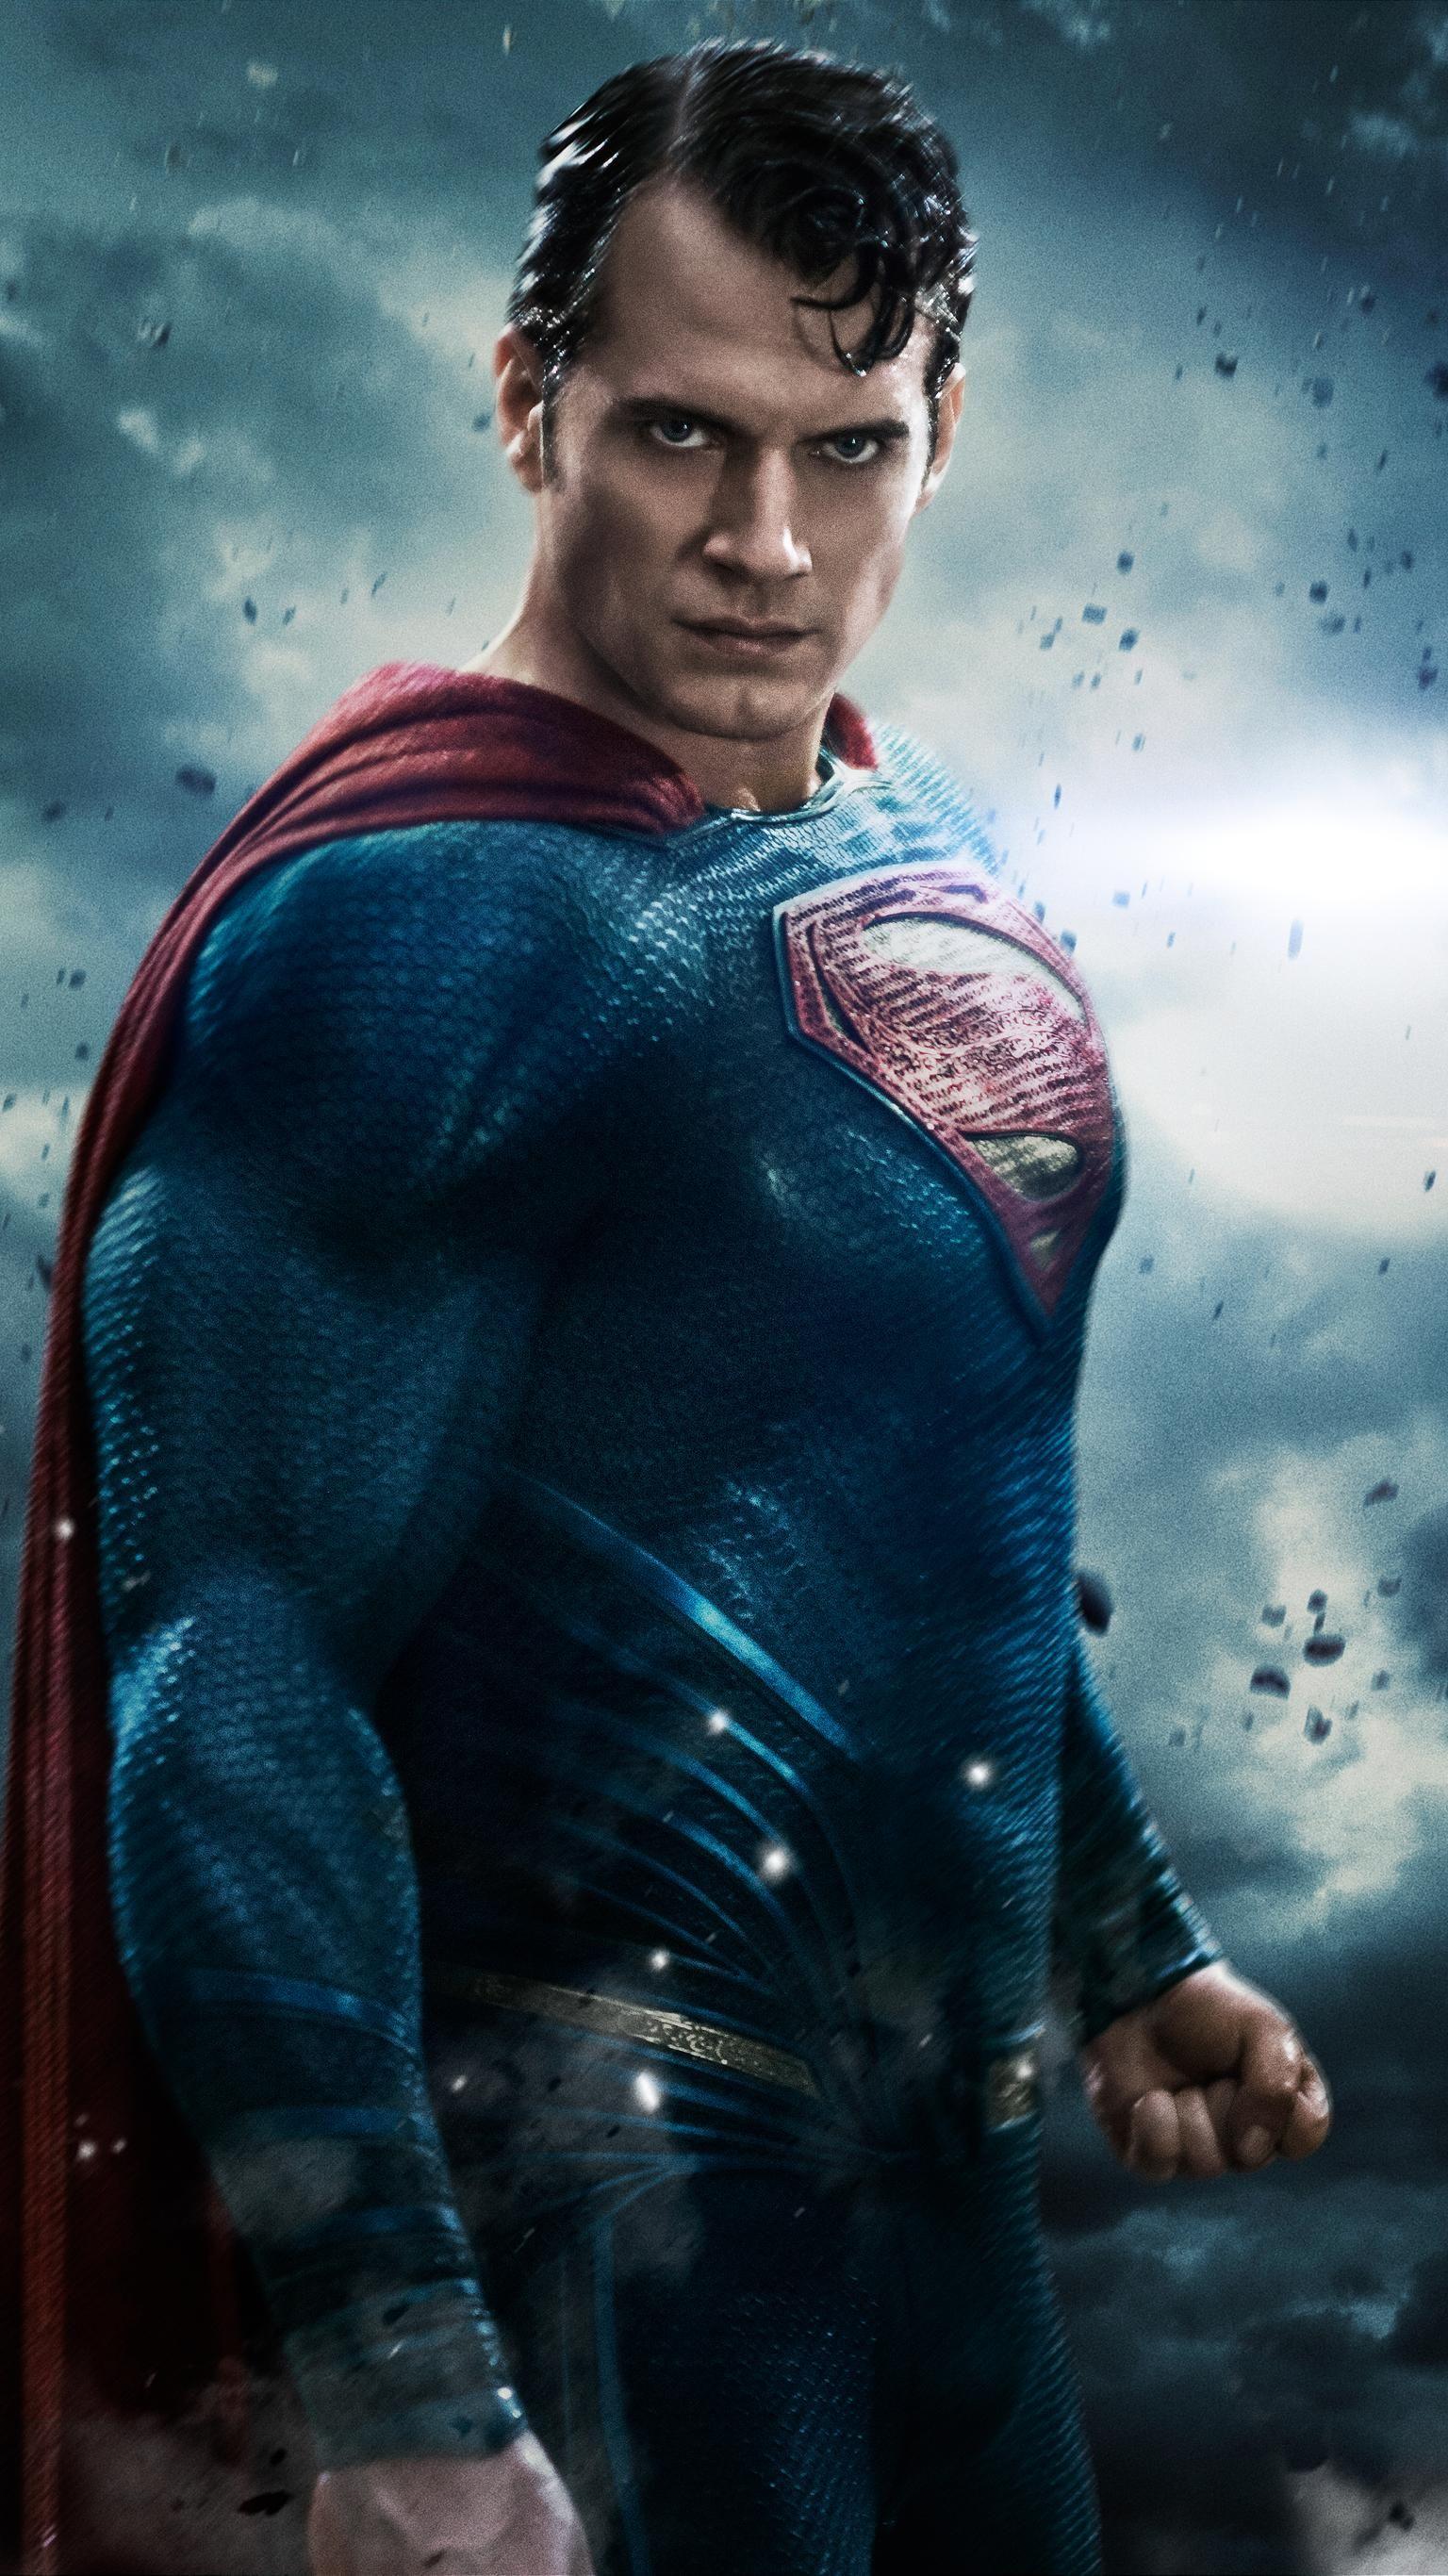 Batman V Superman Dawn Of Justice 2016 Phone Wallpaper